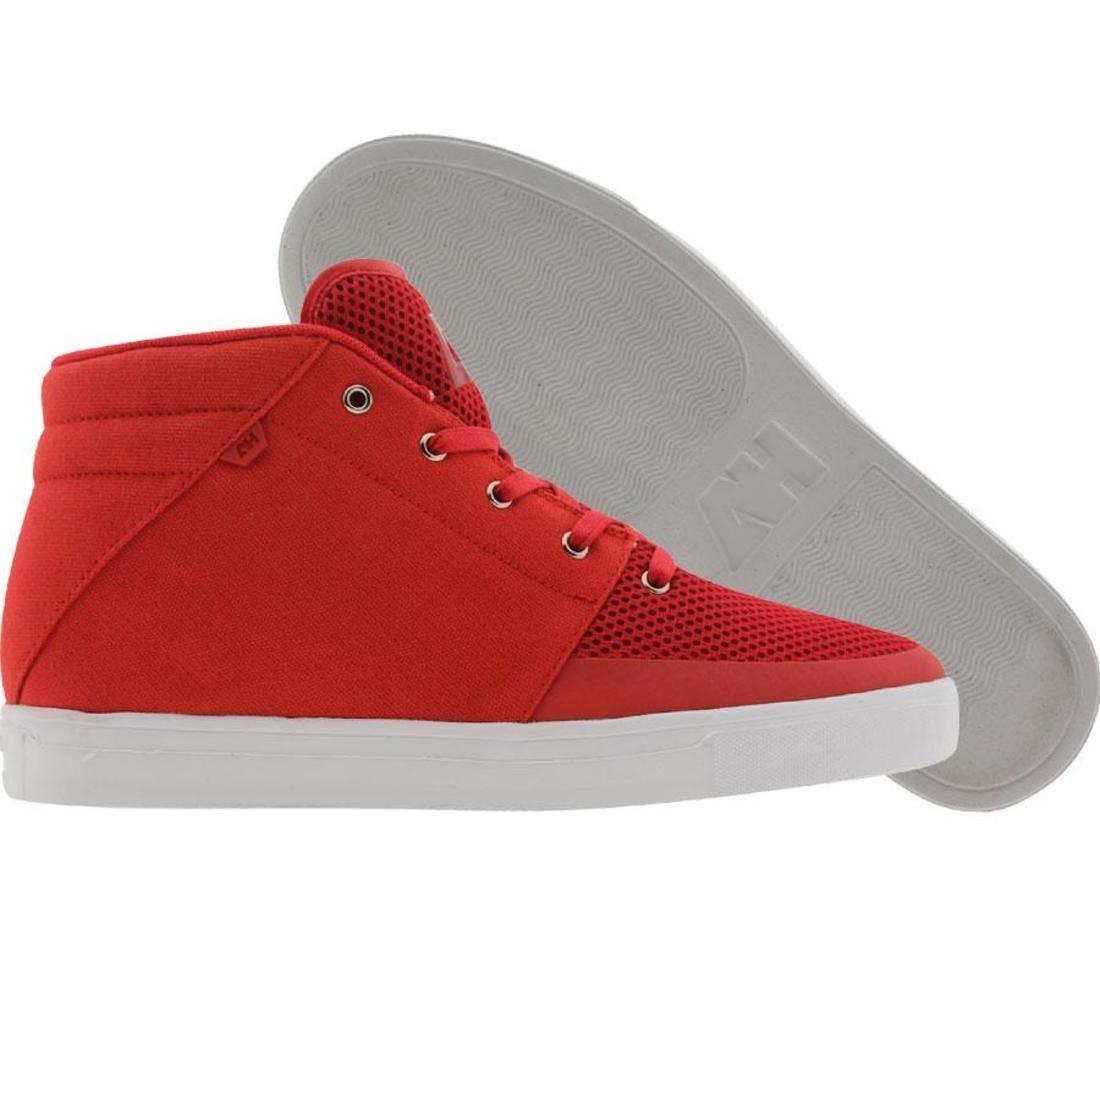 【海外限定】モダン ミッド メンズ靴 靴 【 AH BY ANDROID HOMME MODERN MID RED 】